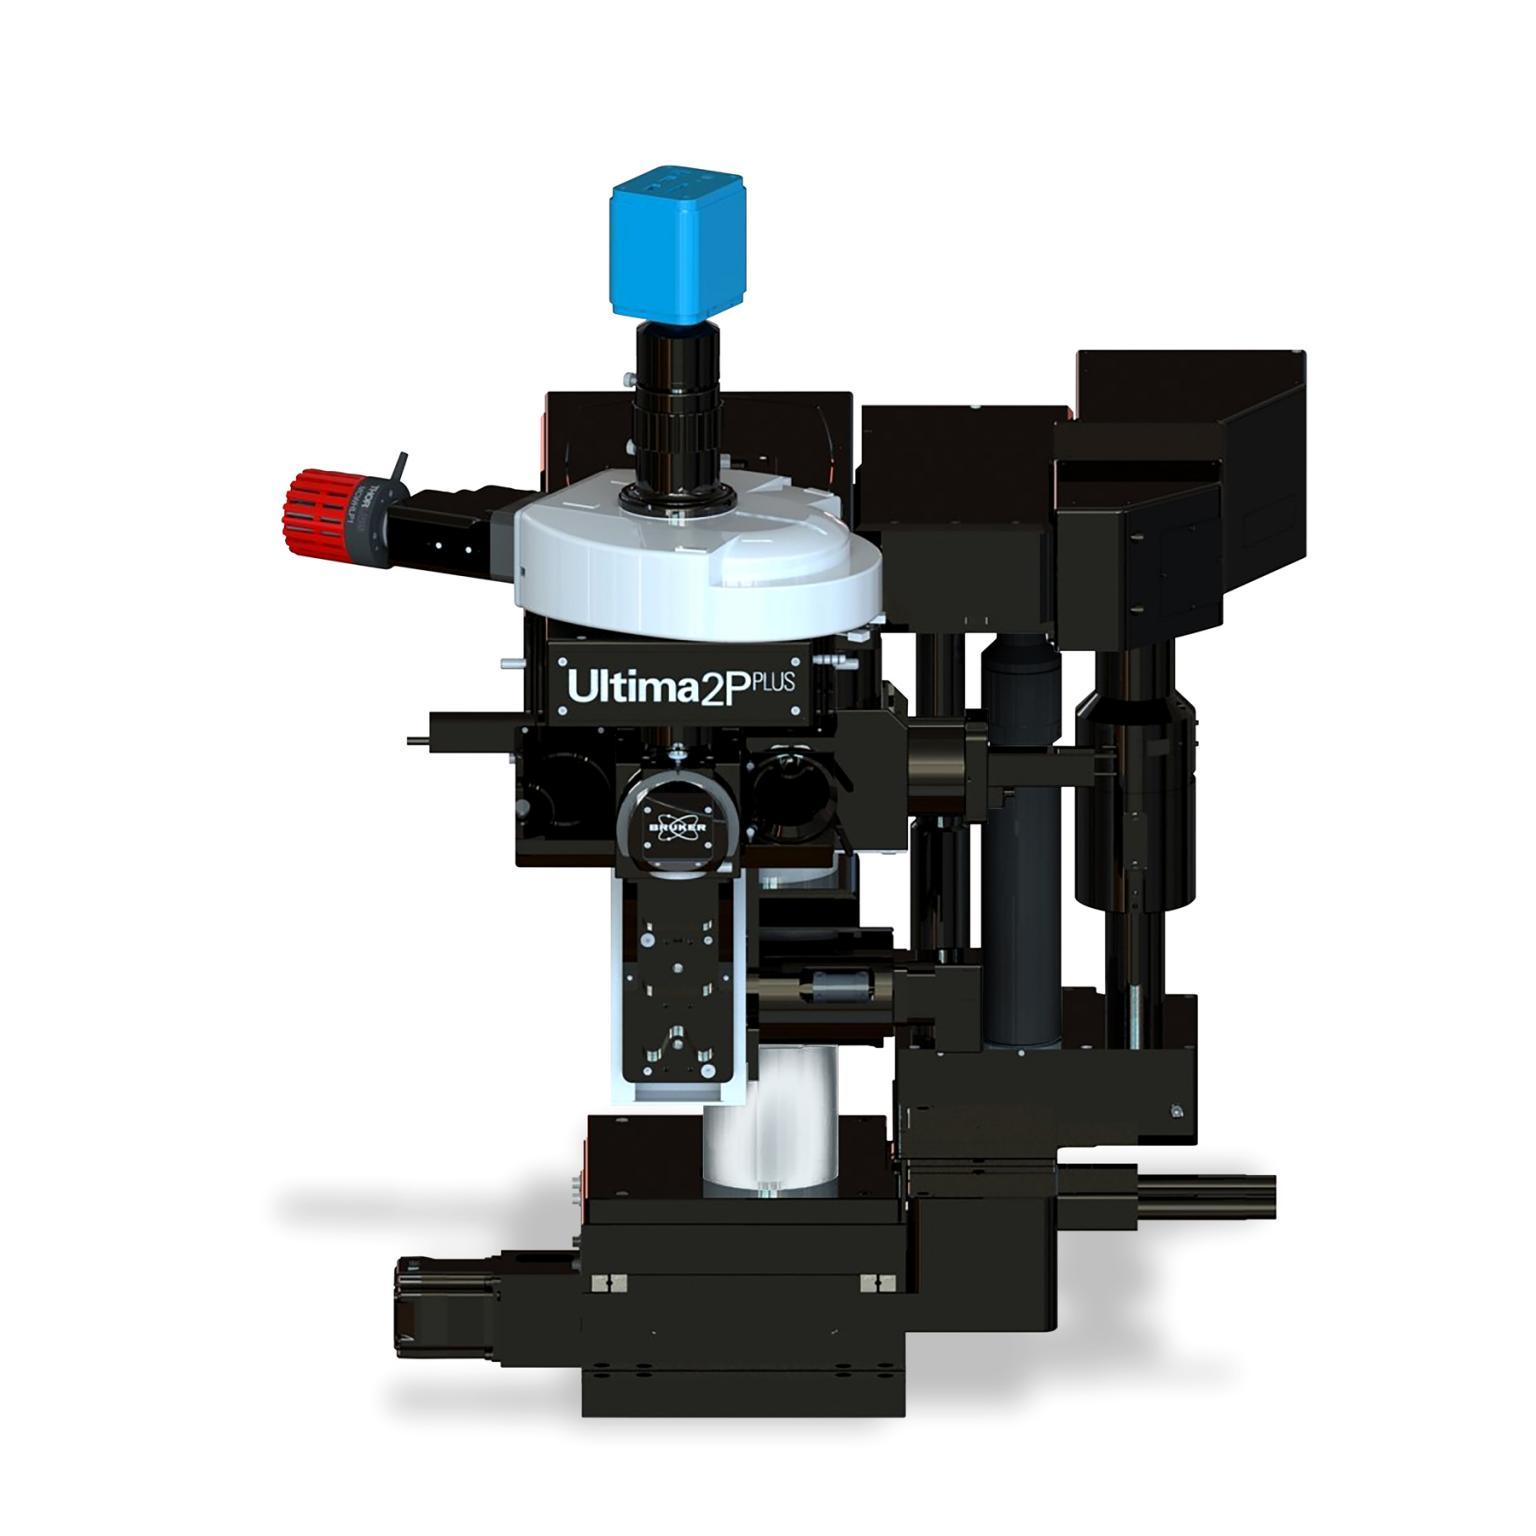 Ultima 2Pplus Multiphoton Microscope